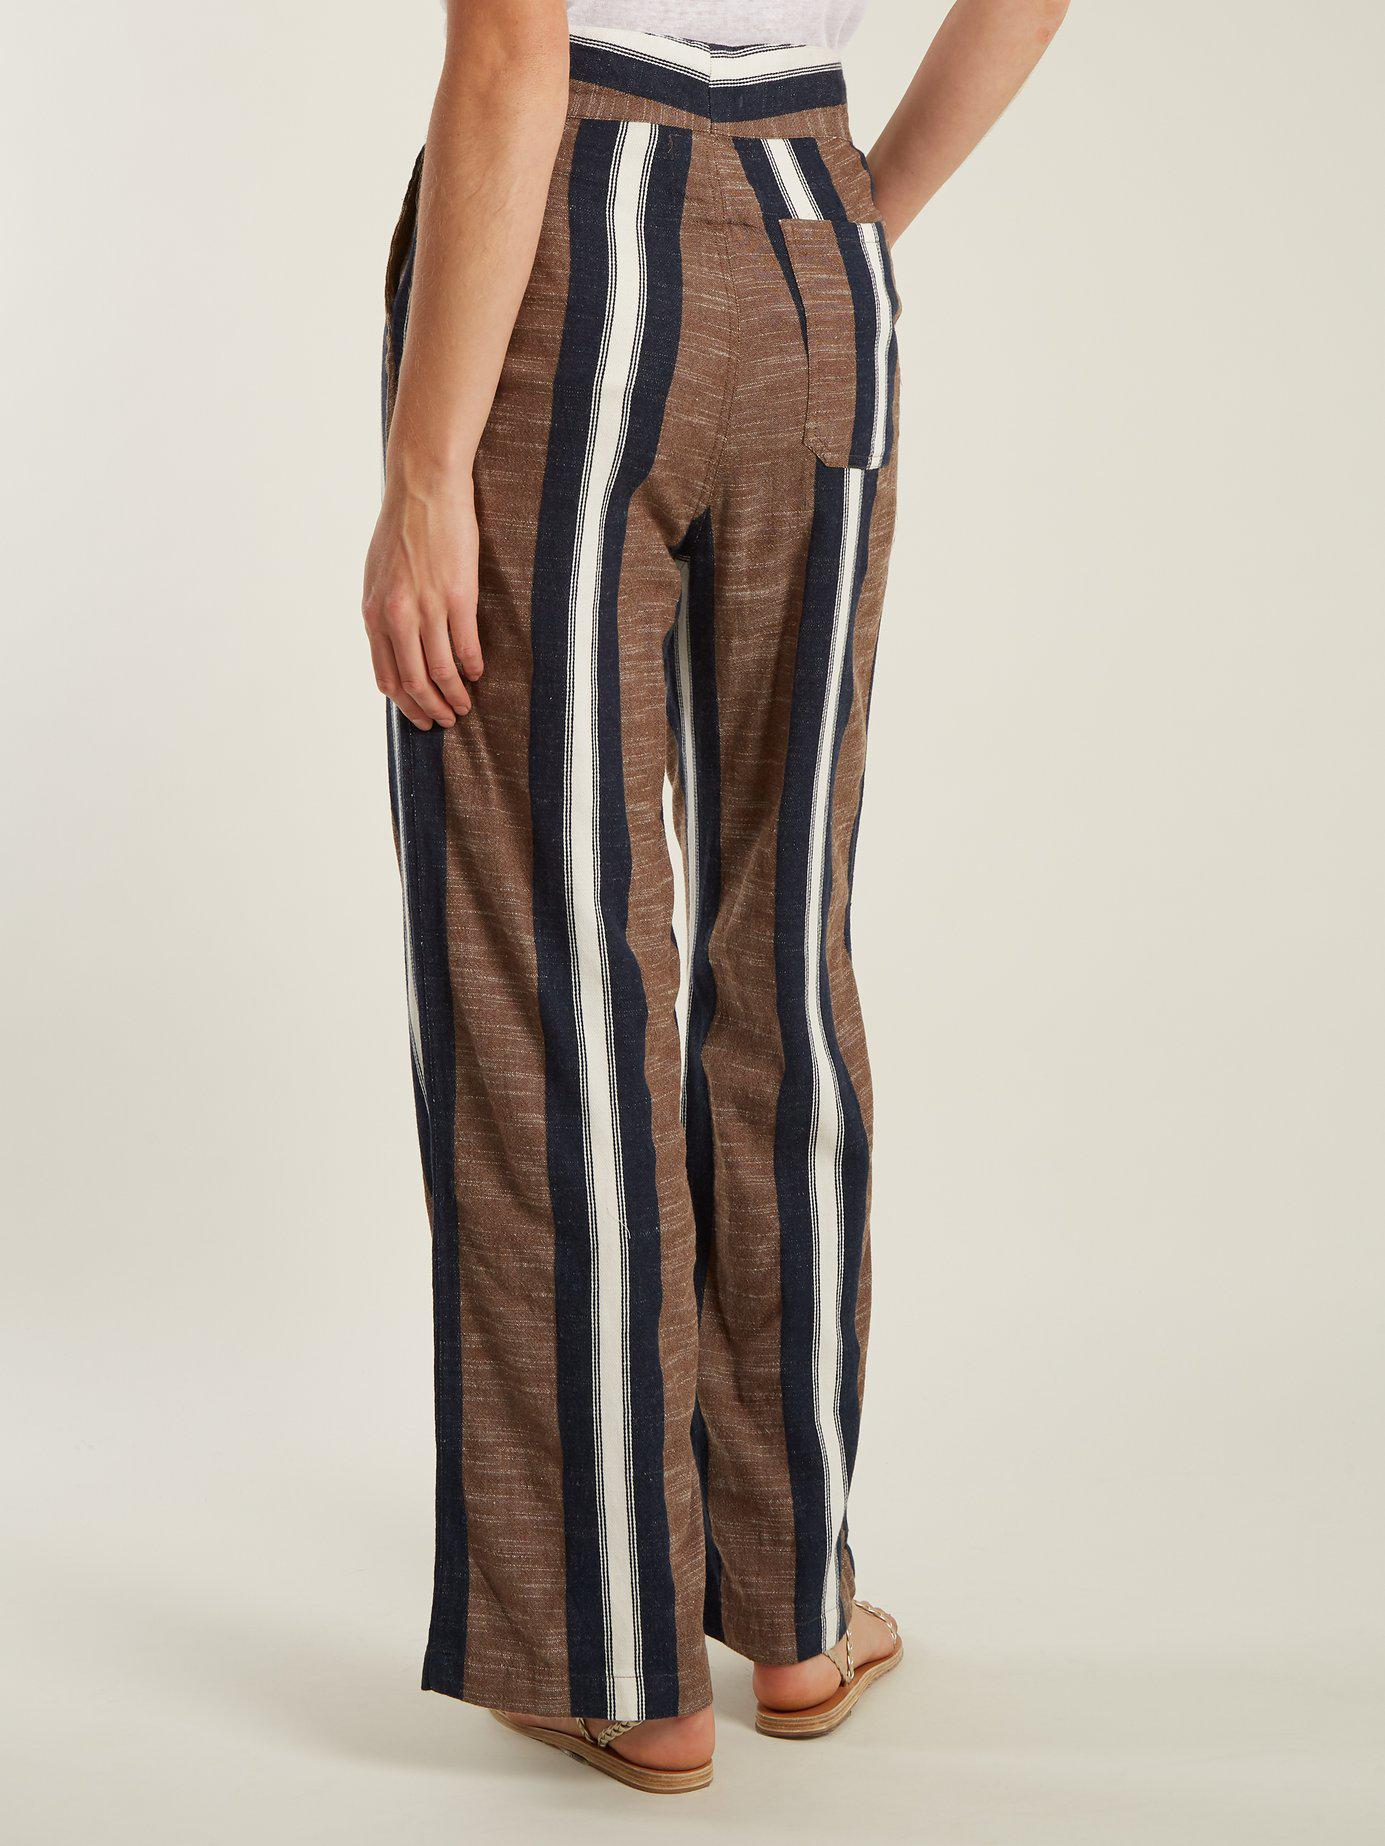 Pantalon ample rayé DavisAce & Jig Vente Ebay Pas Cher Acheter Pas Cher Vente Chaude Point De Vente Pas Cher Choix De Sortie bfiGC5hufK